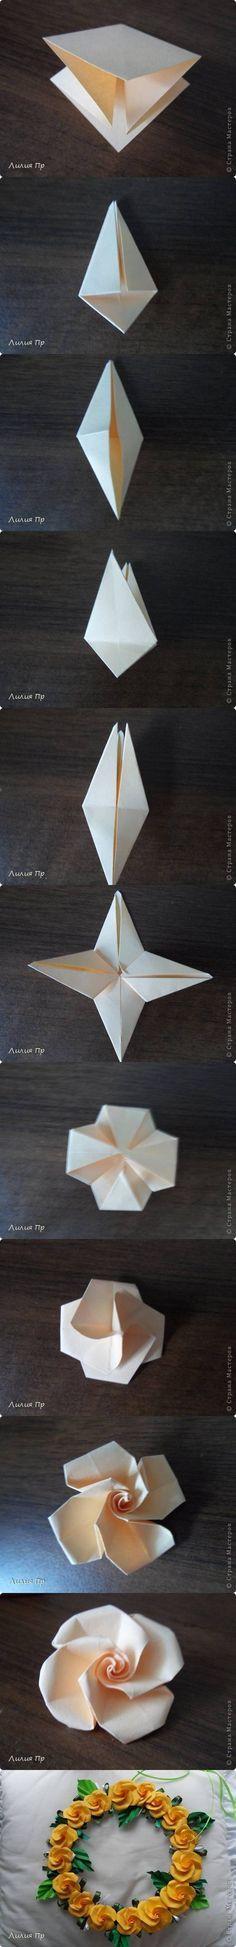 美しい折り紙ローズをDIYする方法